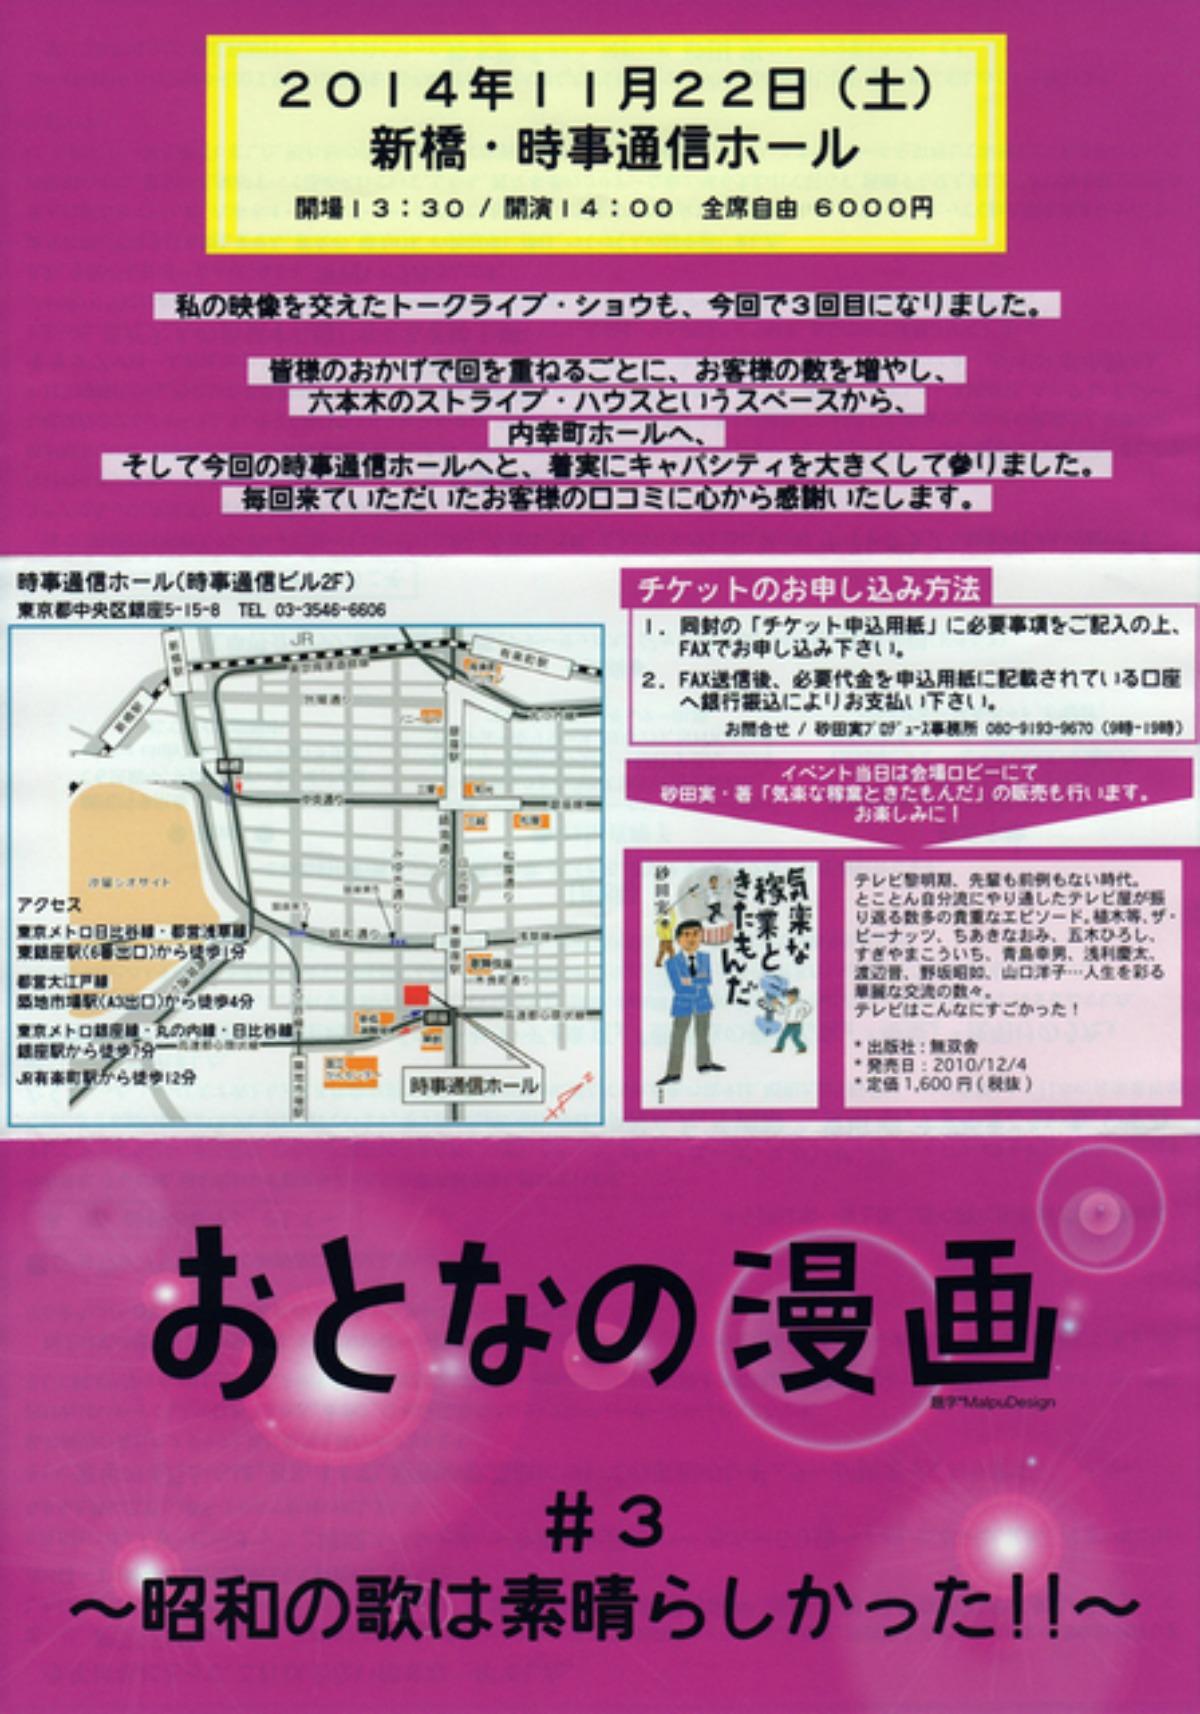 おとなの漫画#3 〜昭和の歌は素晴らしかった!!〜_e0048332_0134812.jpg